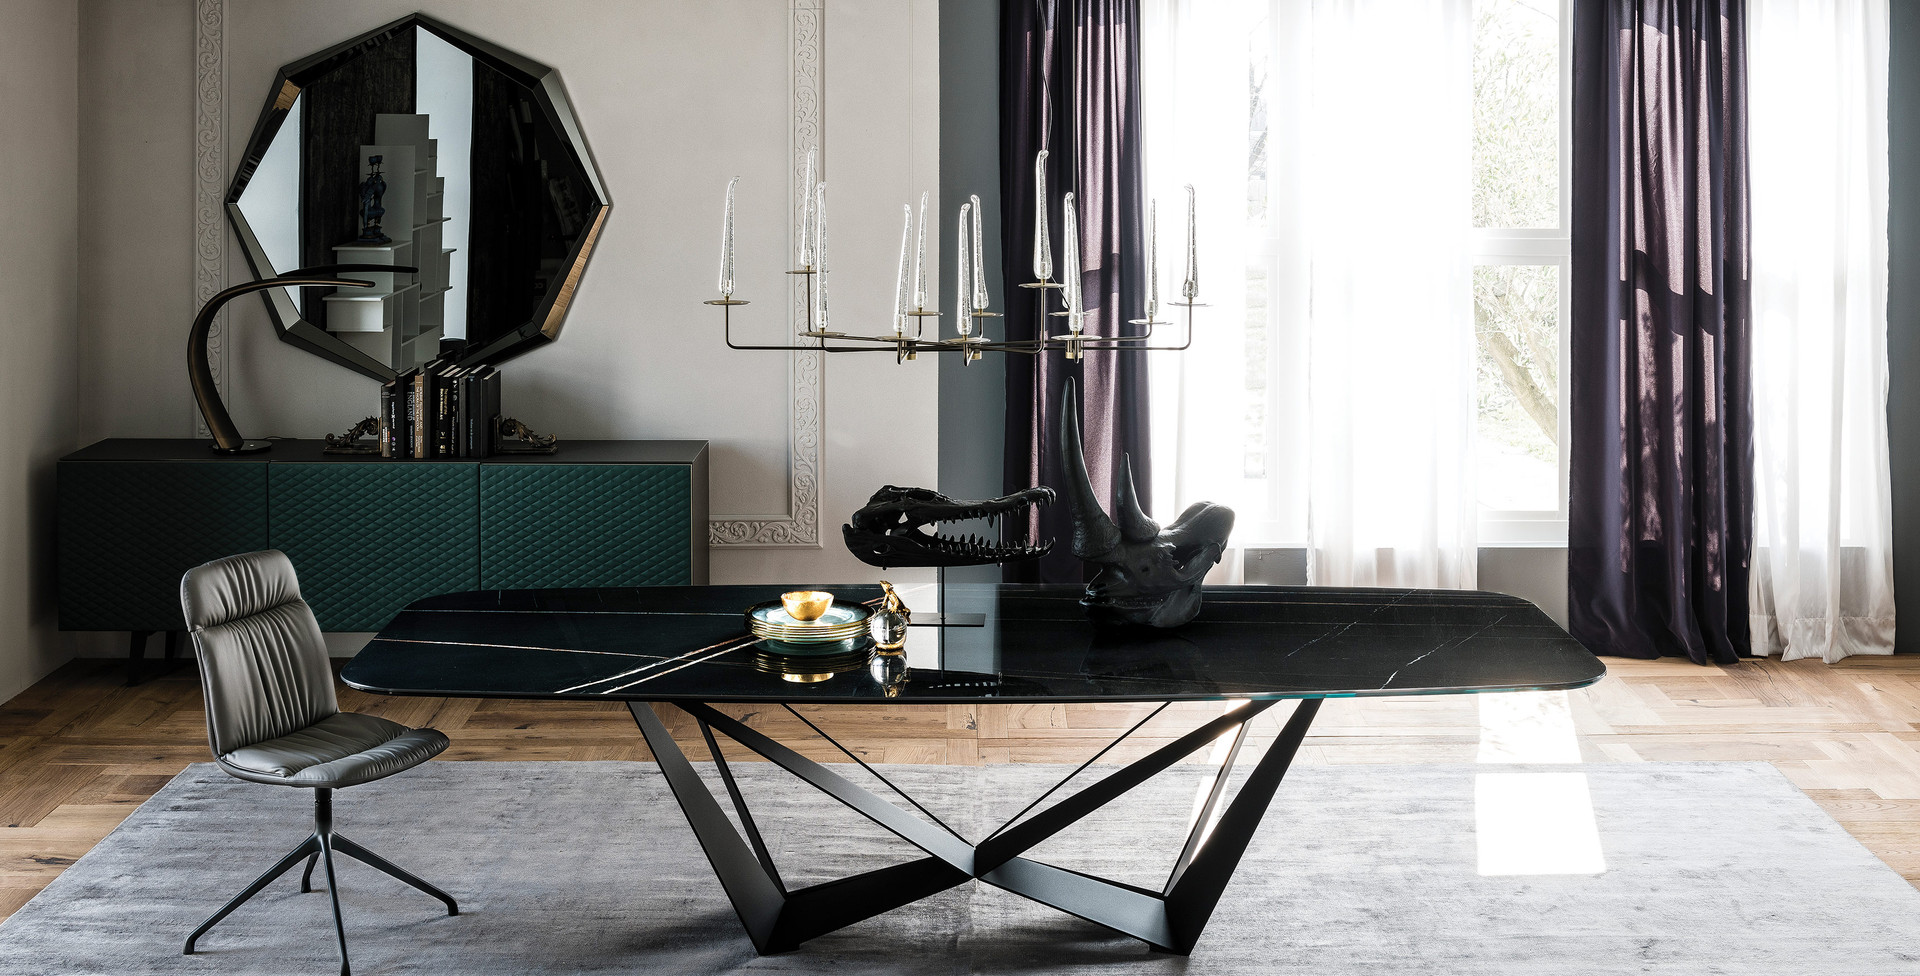 Skorpio Keramik Table Pic15